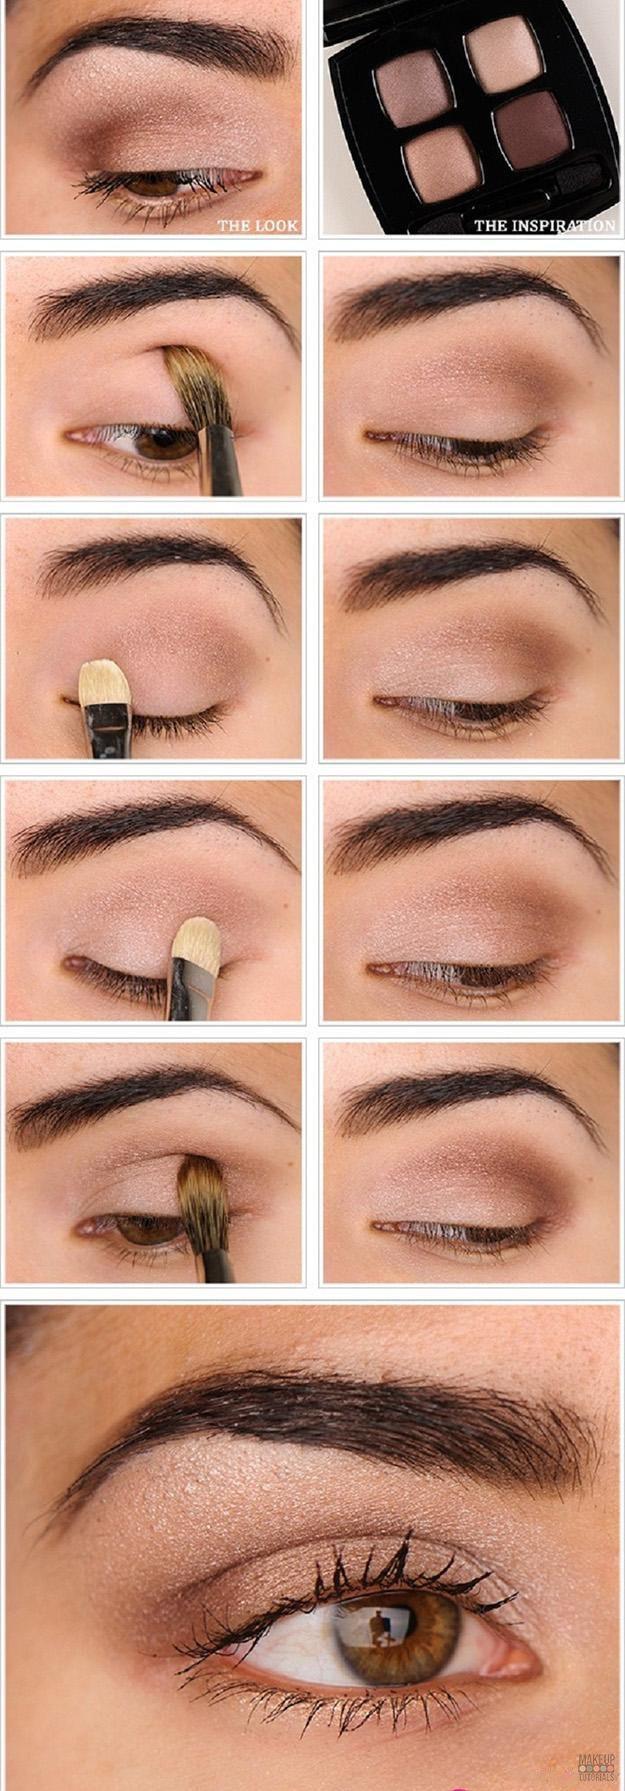 11 Everyday Natural Makeup Tutorials: Natural Everyday Makeup